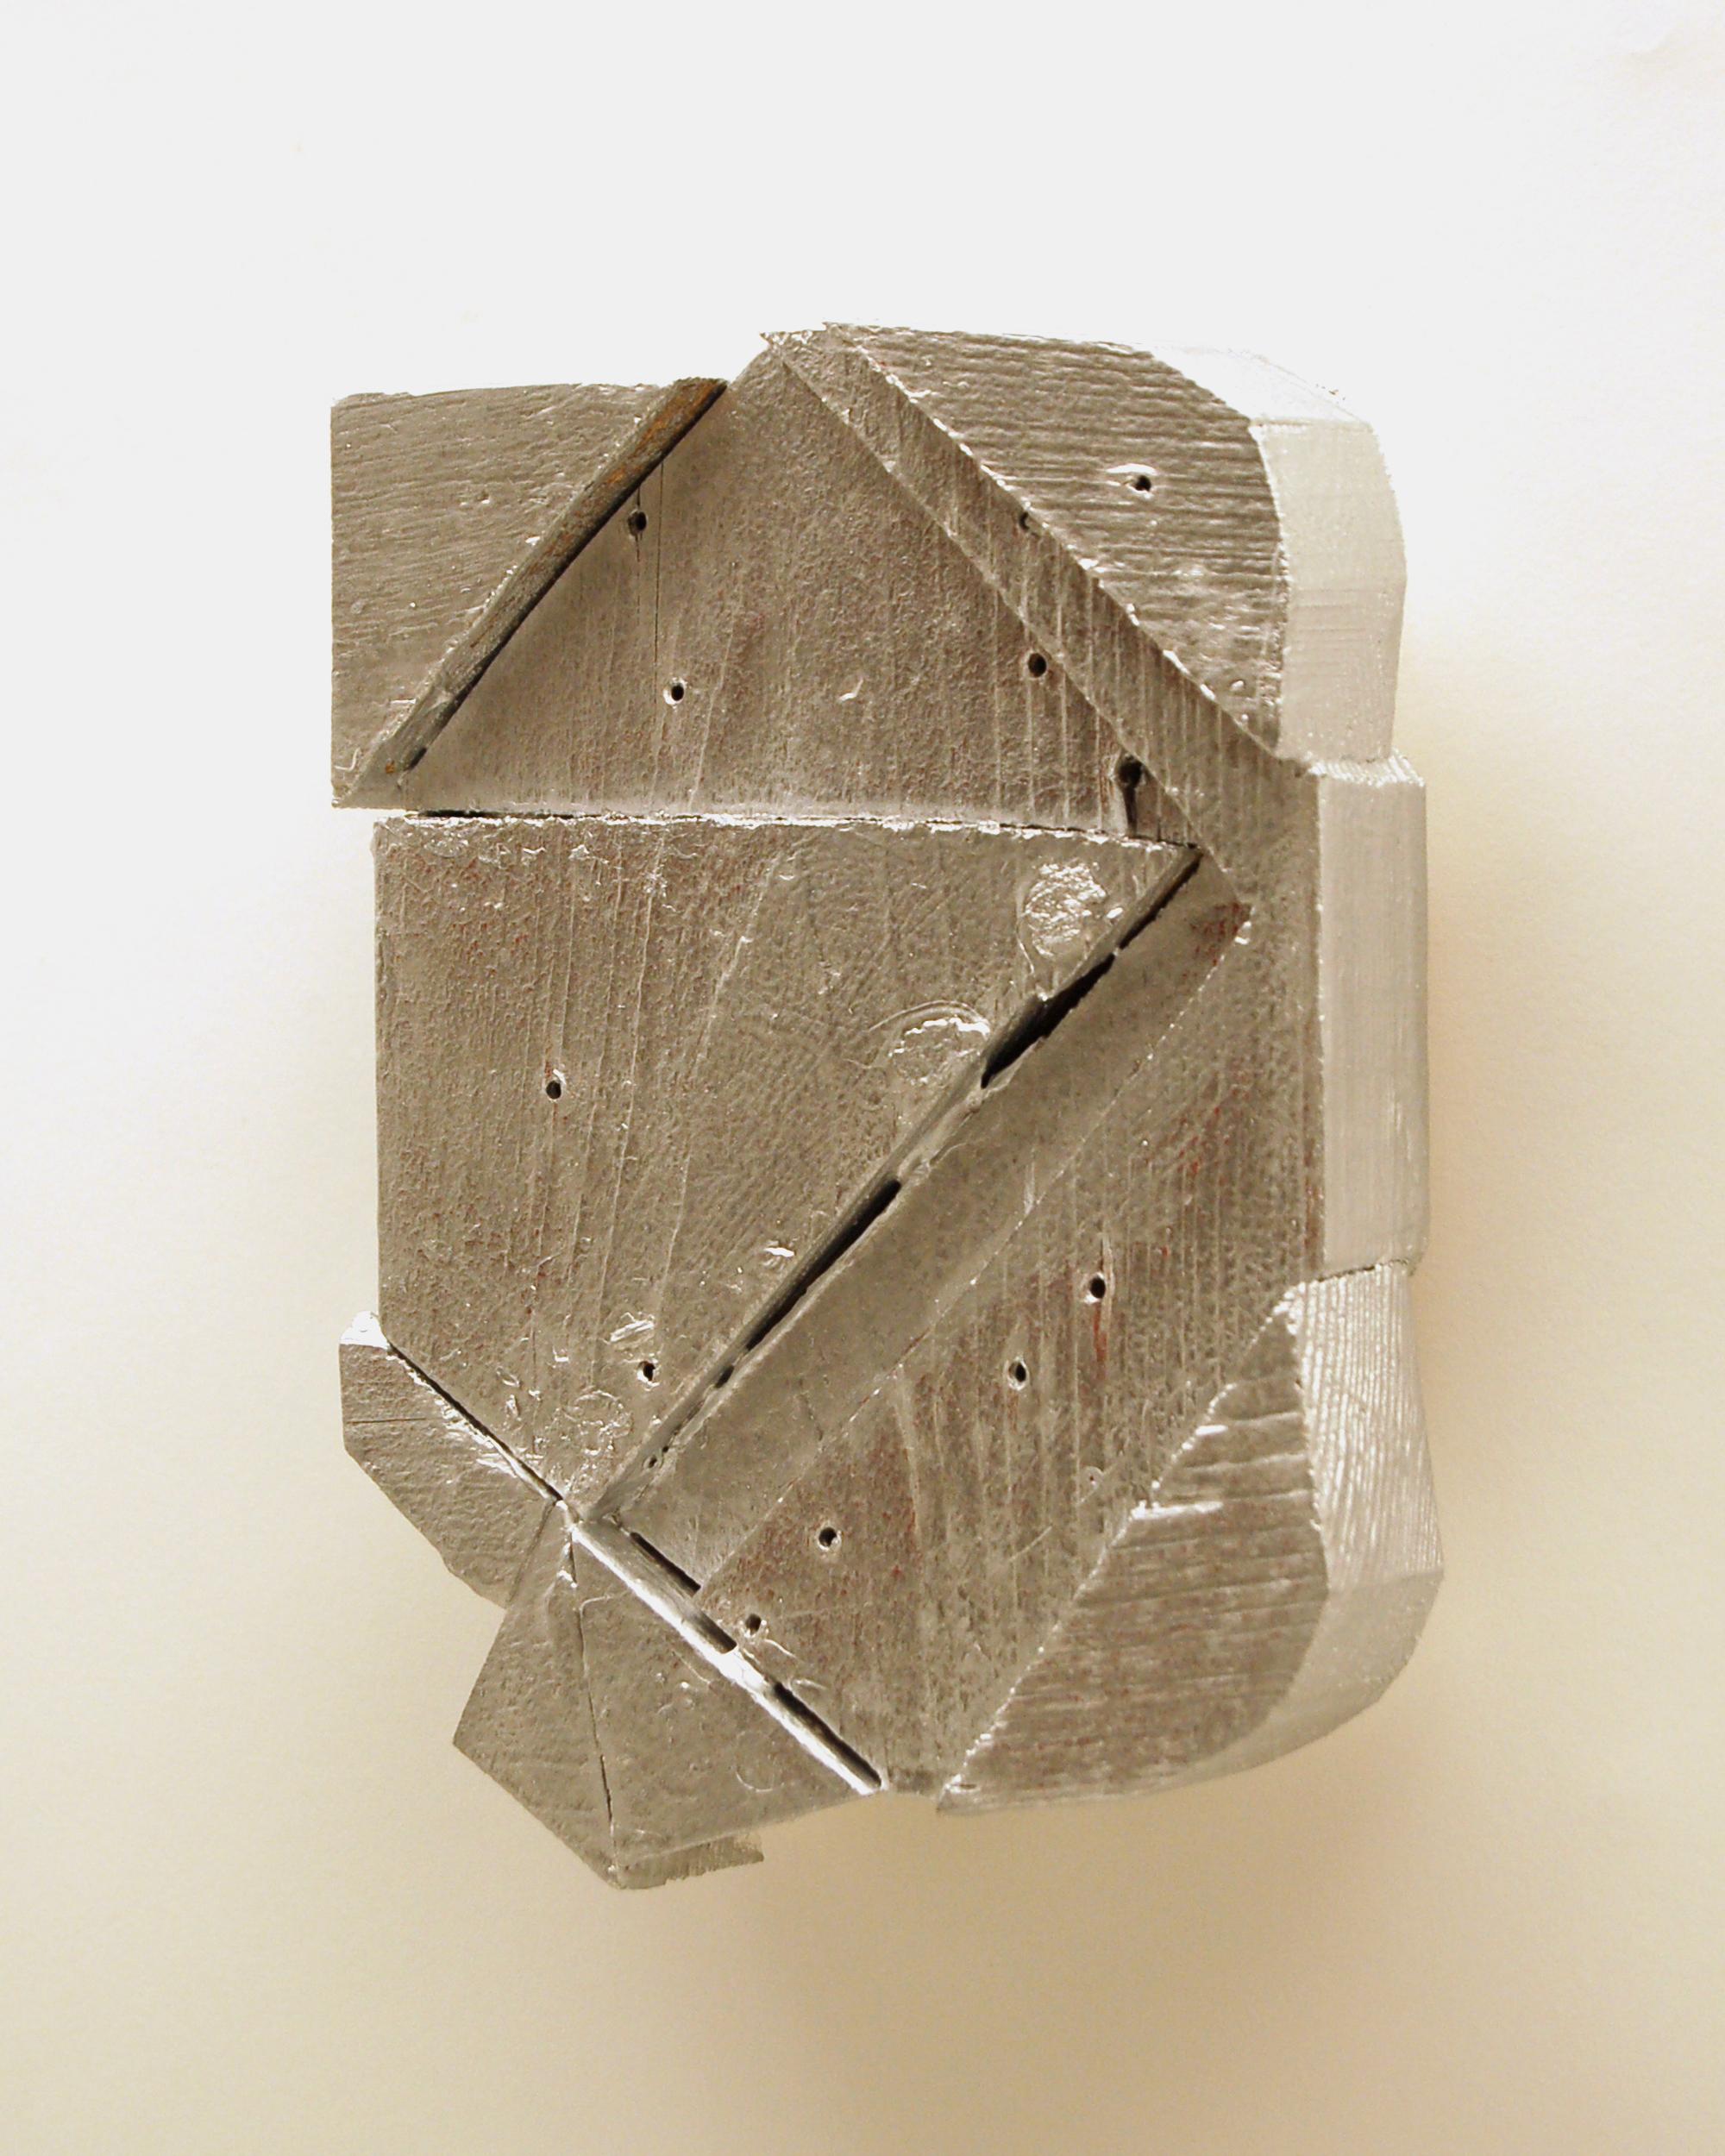 zimmerman_2014_meteorite.jpg